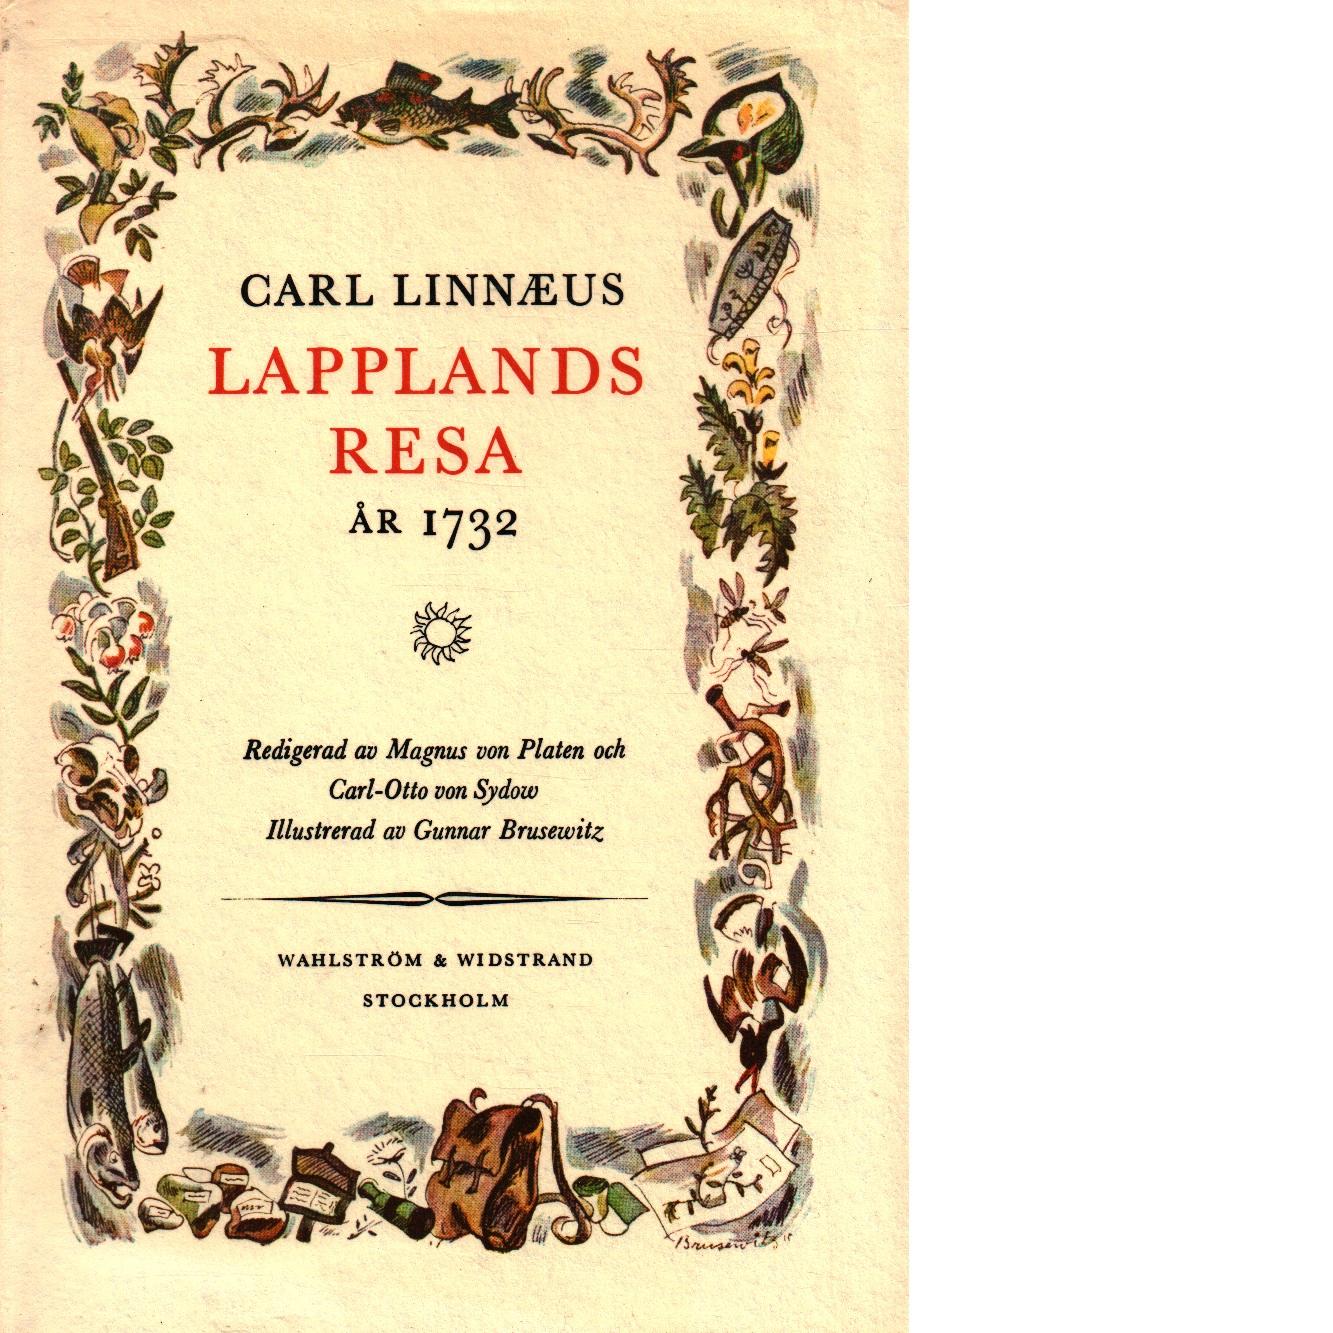 Lapplands resa :Caroli Linnæi Iter Lapponicum Dei gratia institutum 1732 - Linné, Carl von